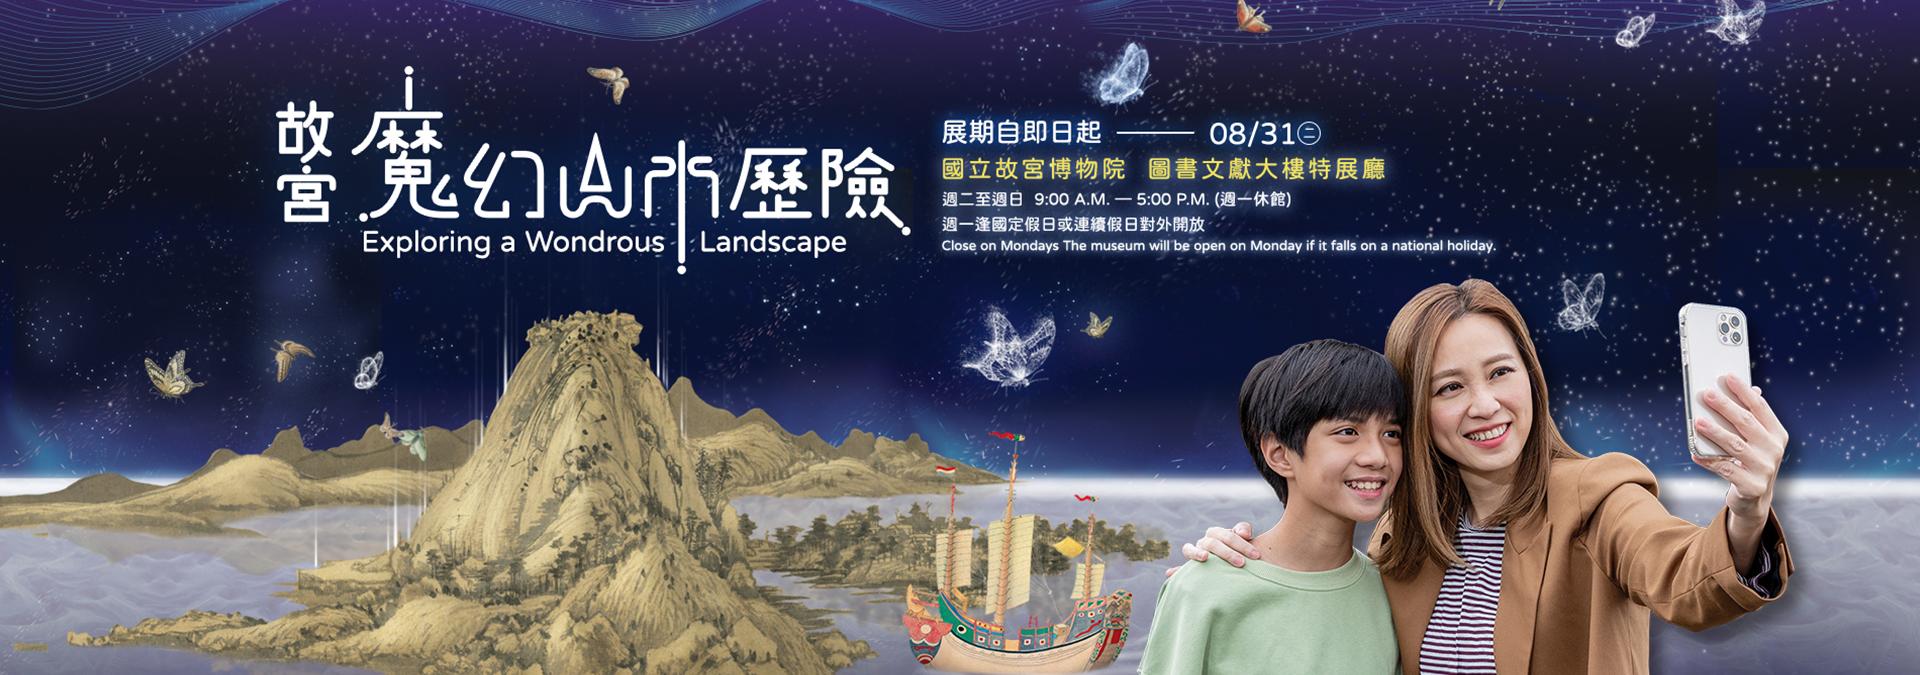 國寶新視界—萬壑松風(8K版本)